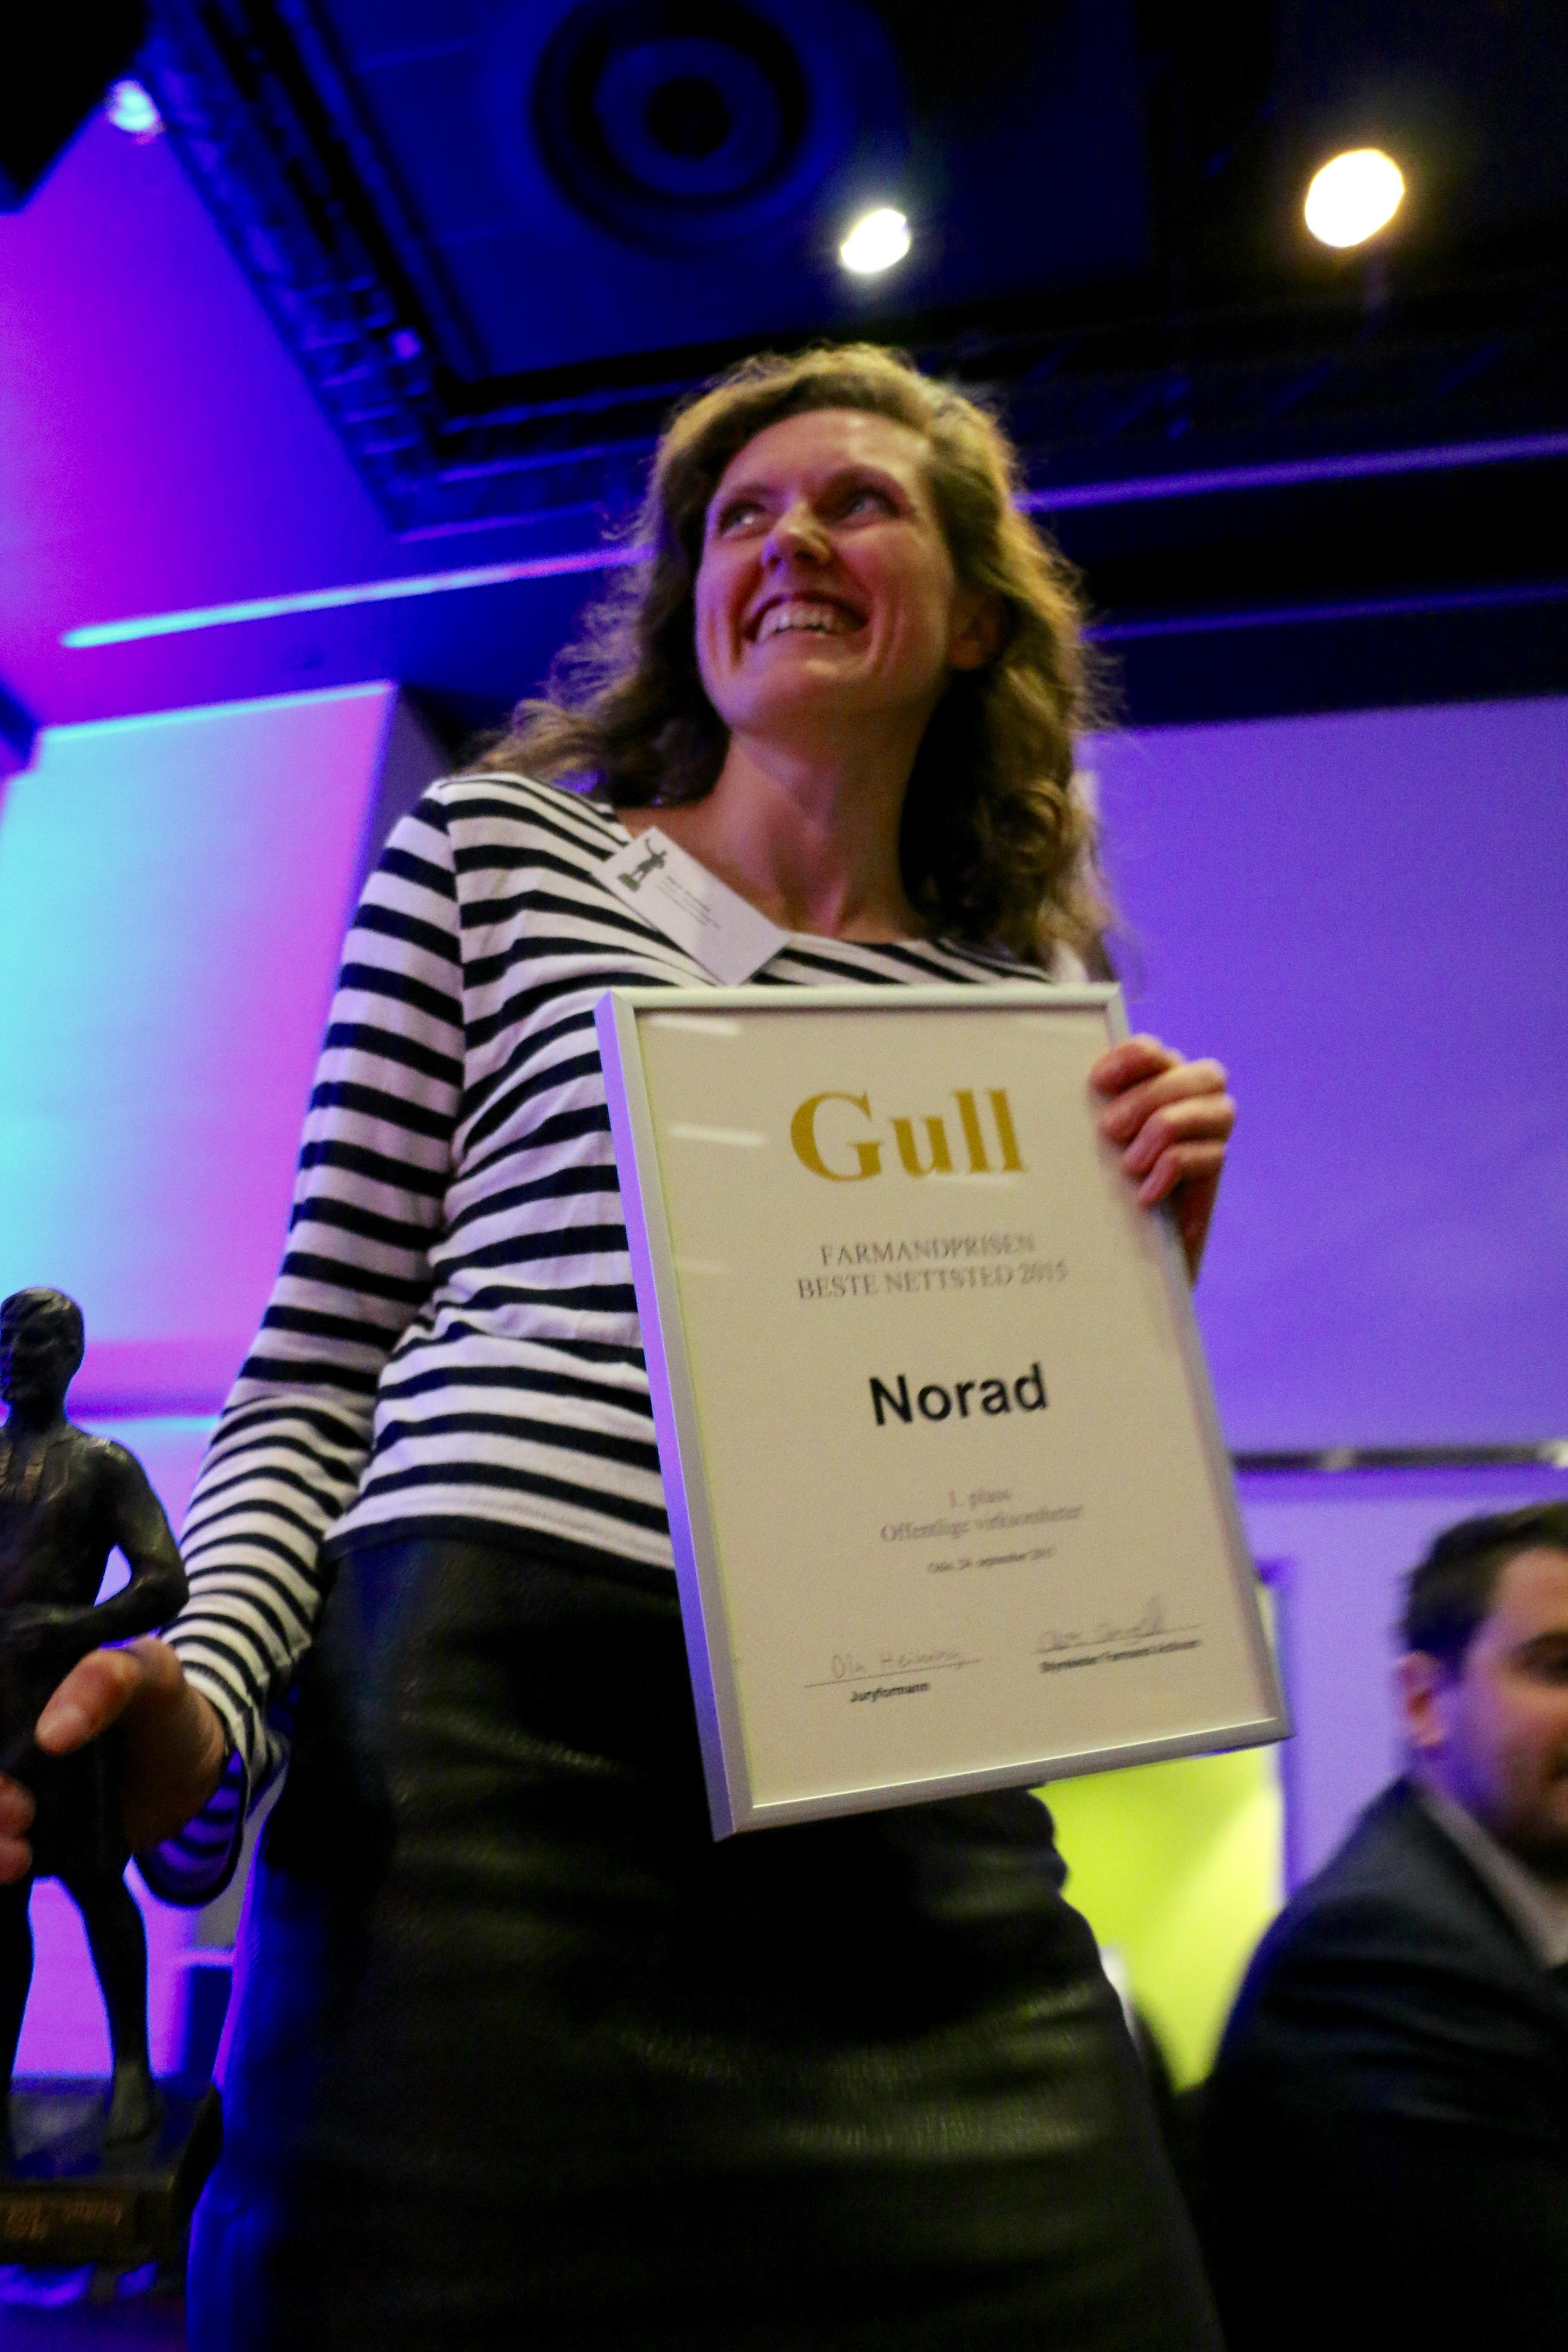 Farmandprisen Beste nettted 2015 - Offentlige virksomheter nr. 1: Norad (norad.no)